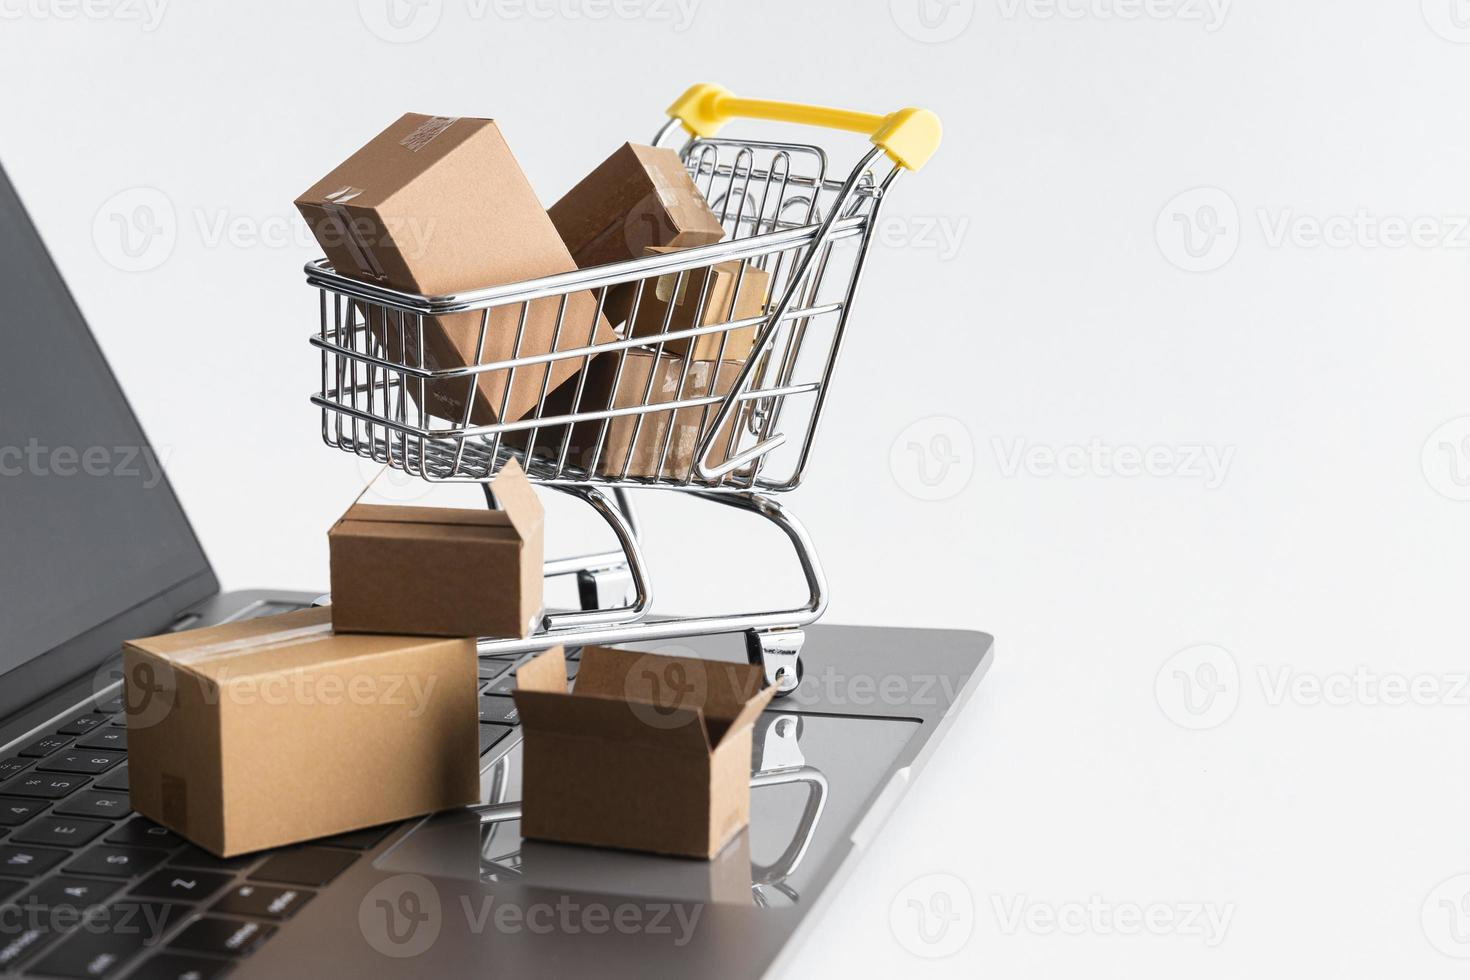 cyber måndag shopping försäljning koncept på vit bakgrund foto